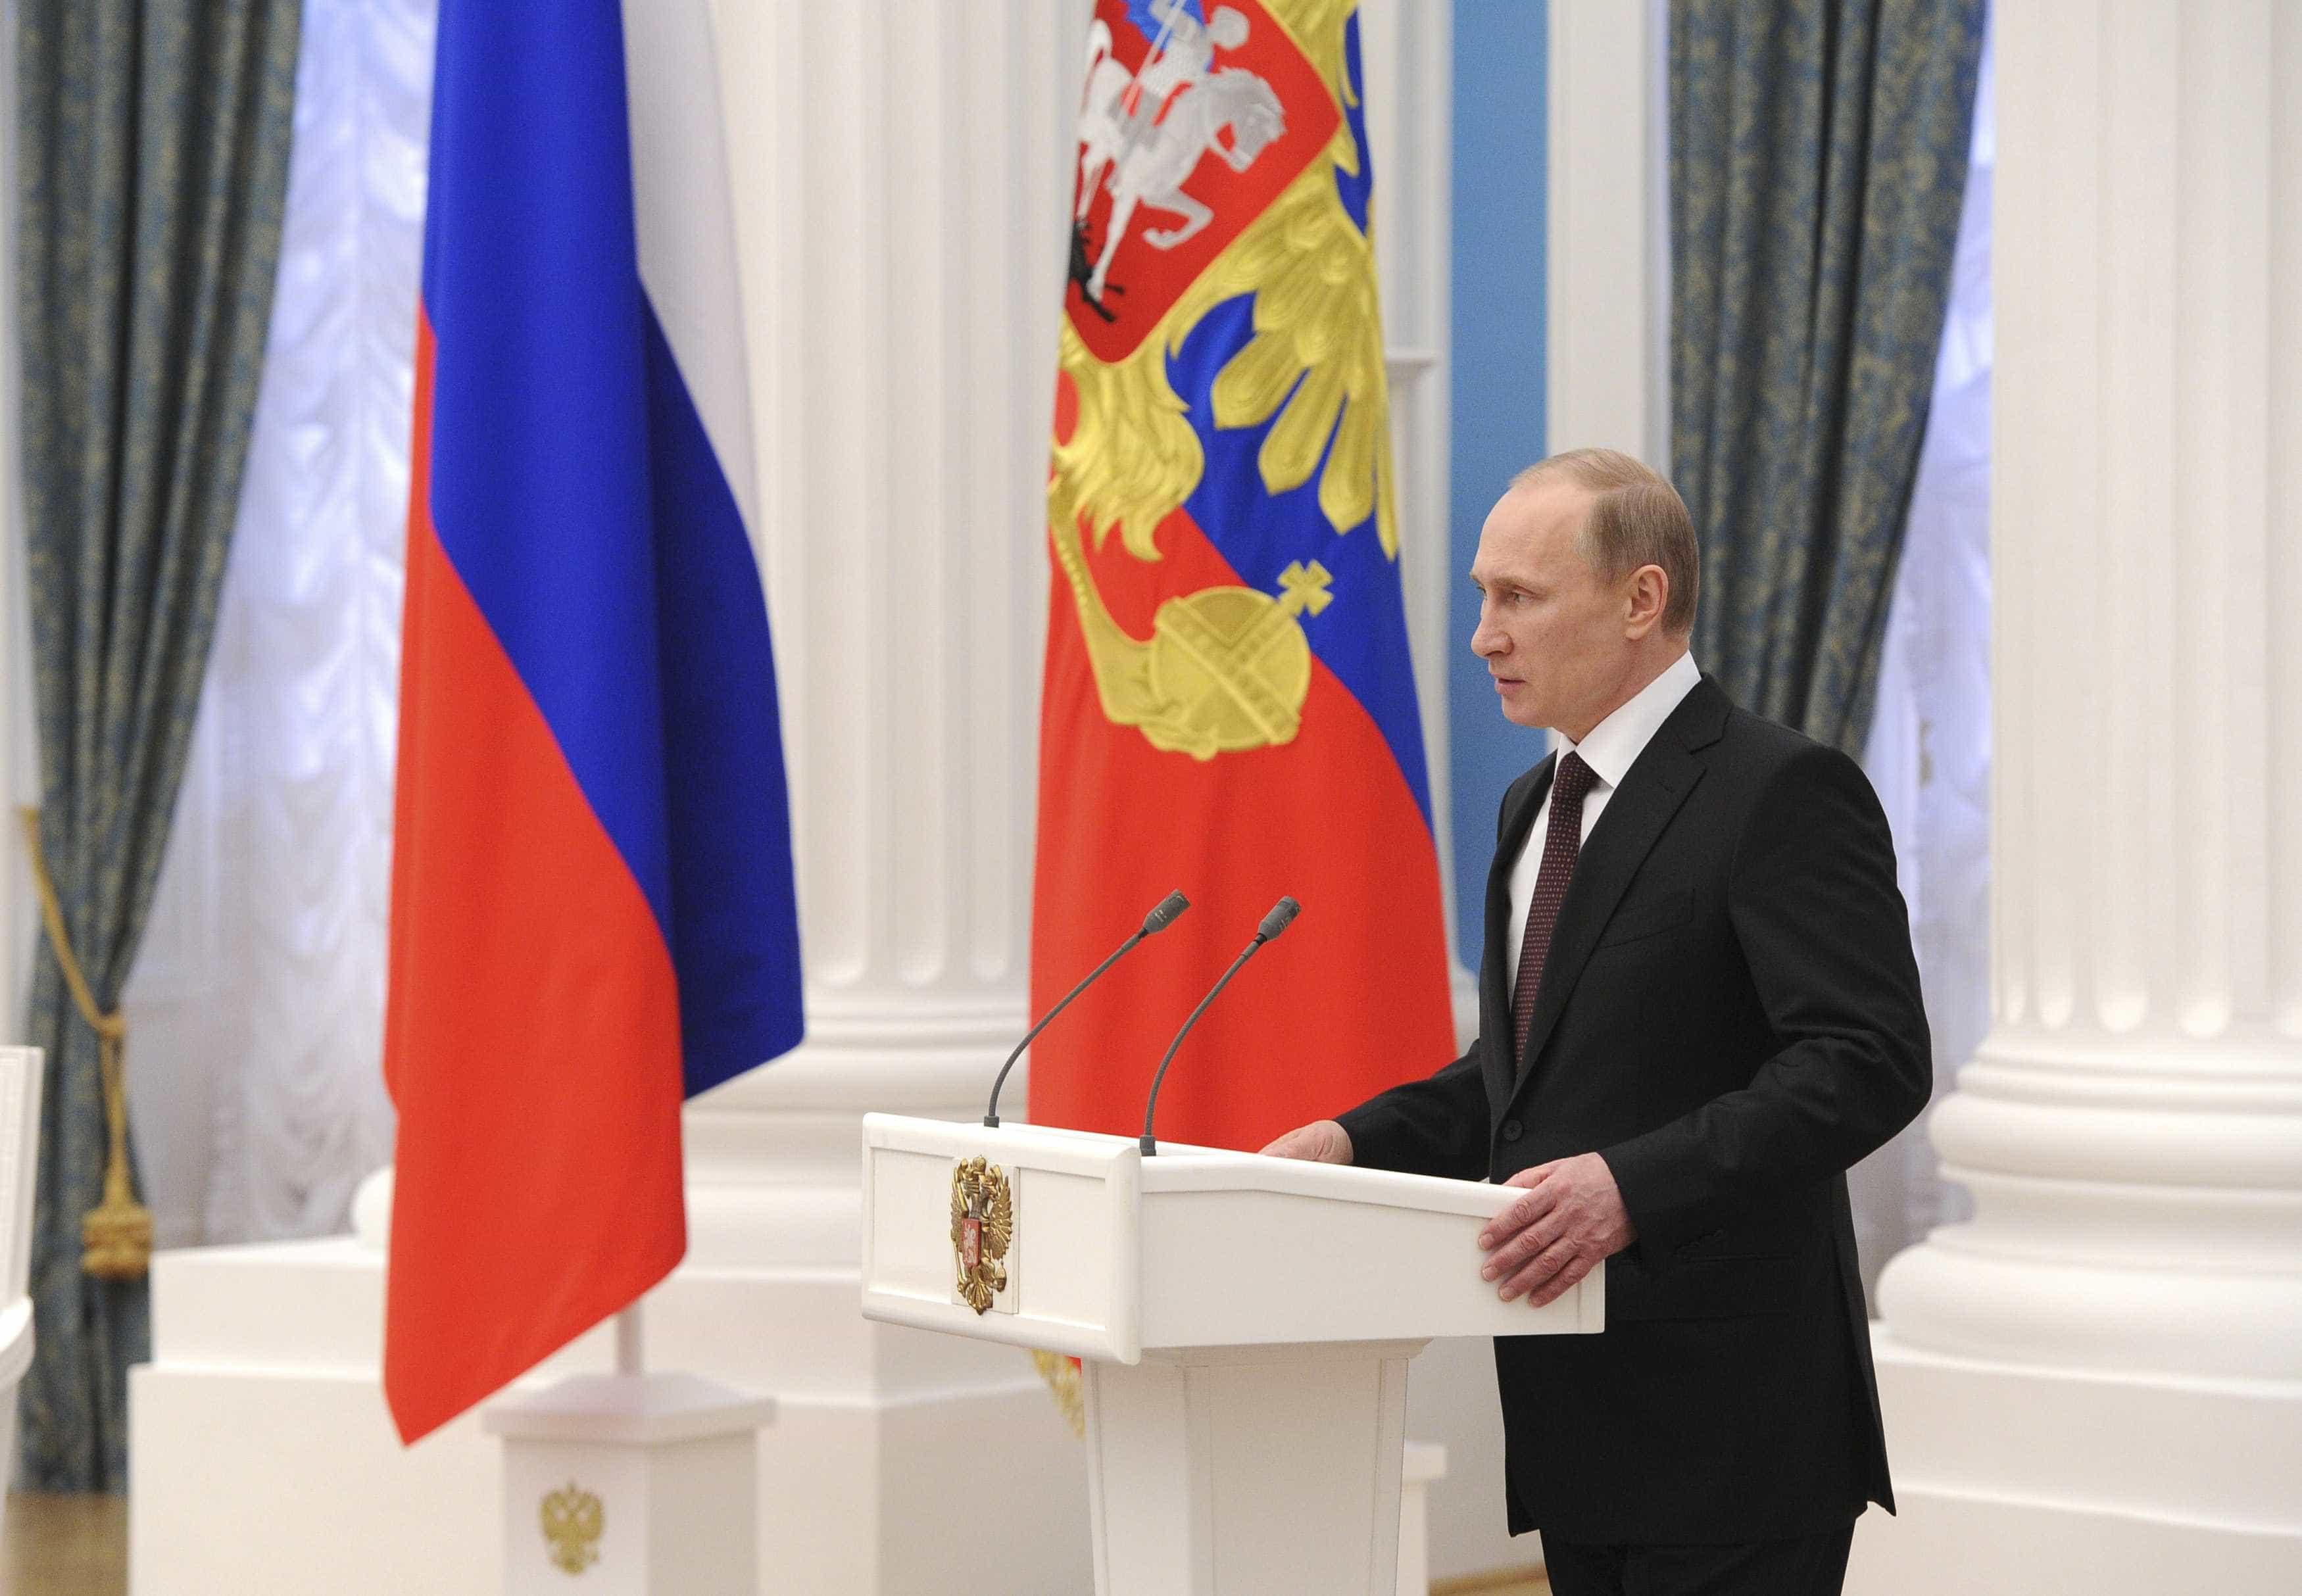 Putin oficializa suspensão da Rússia do tratado de desarmamento nuclear